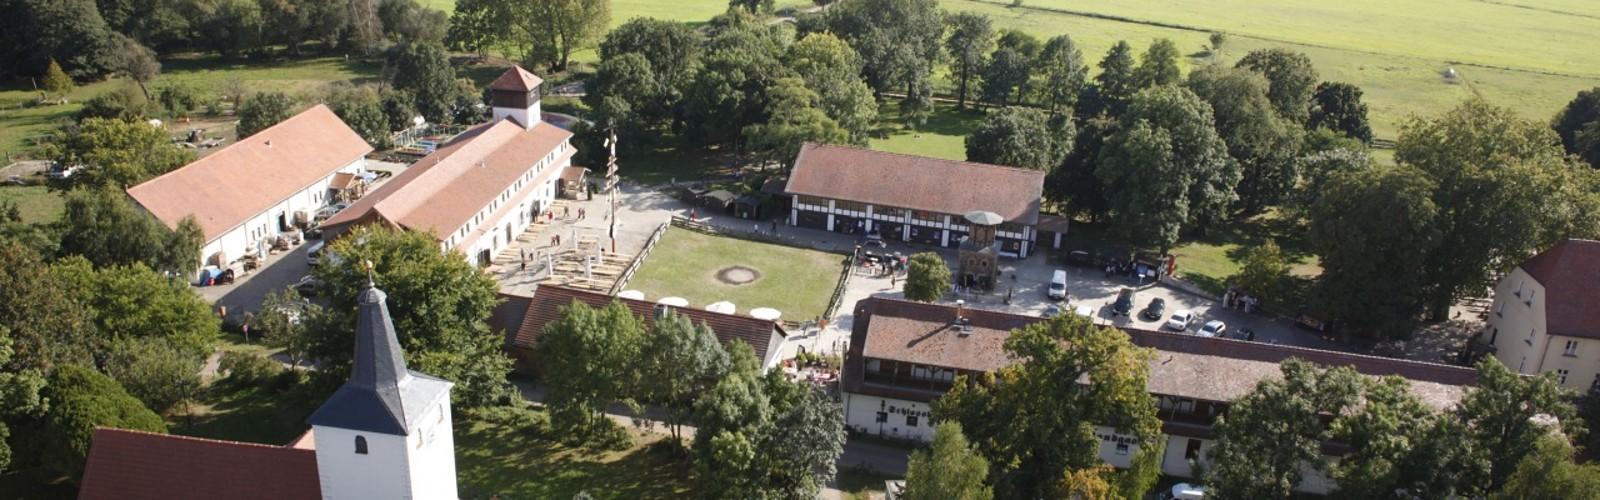 Schloss Diedersdorf. Luftbild